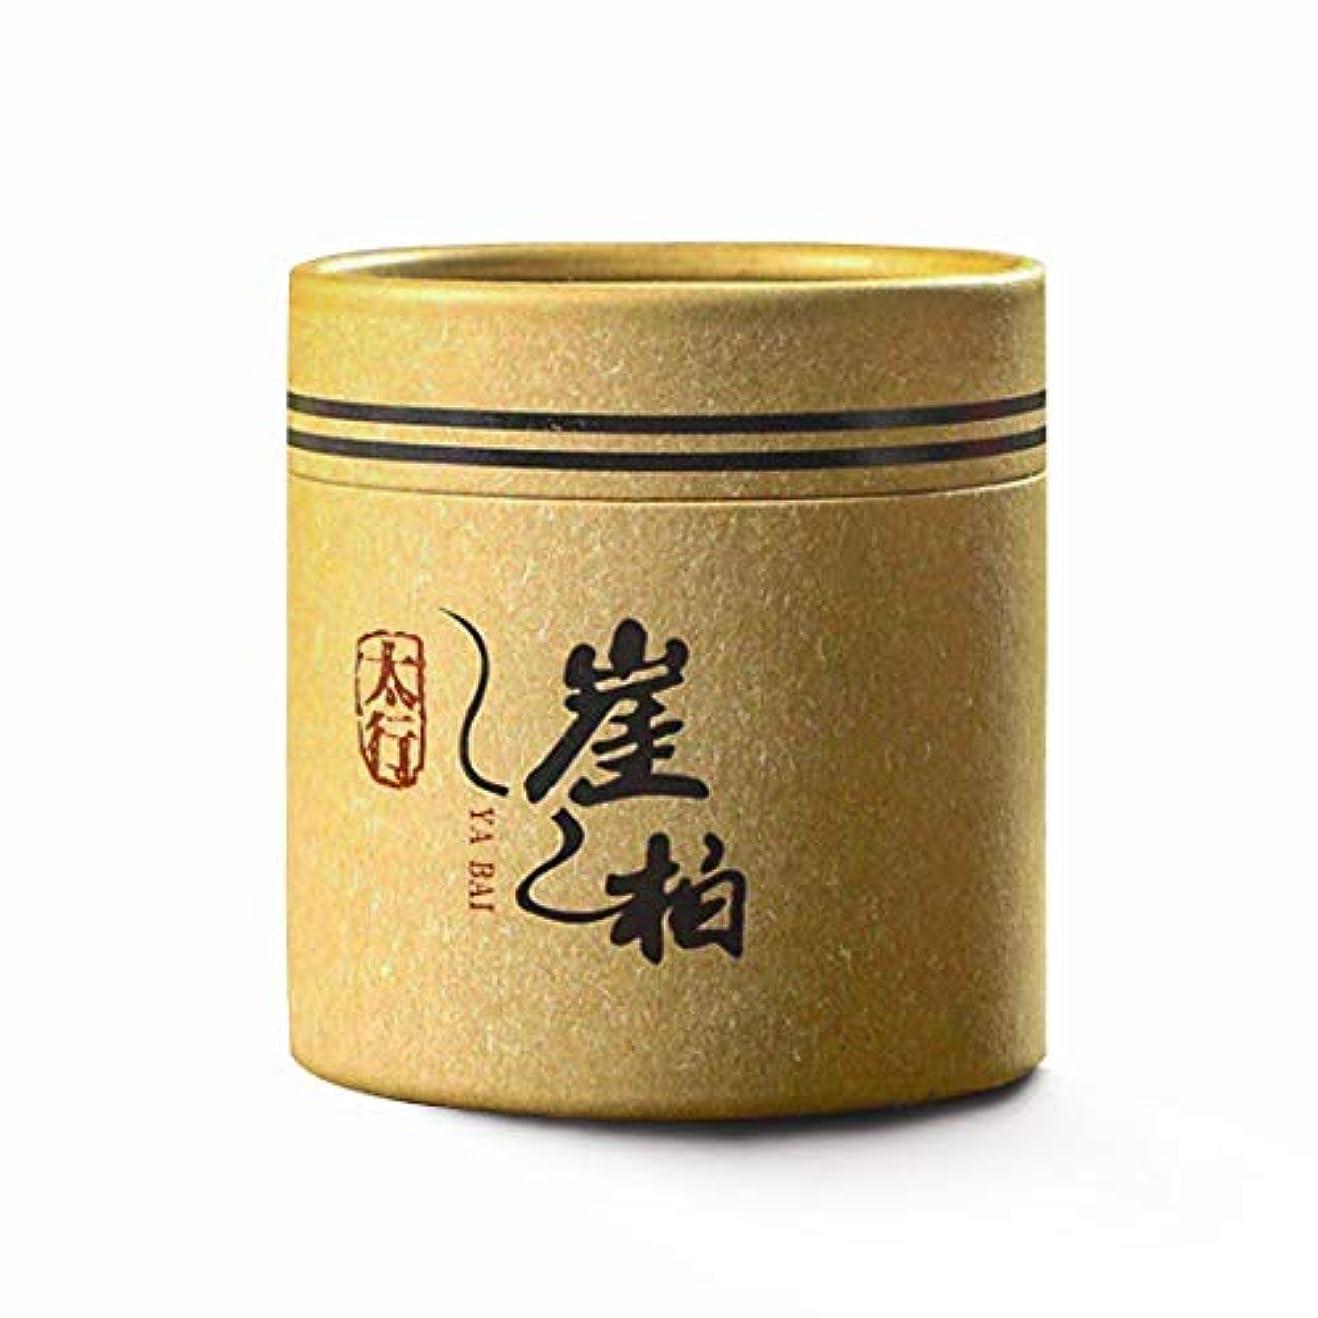 六紳士毛布Hwagui お香 陈化崖柏 優しい香り 渦巻き線香 4時間盤香 48巻入